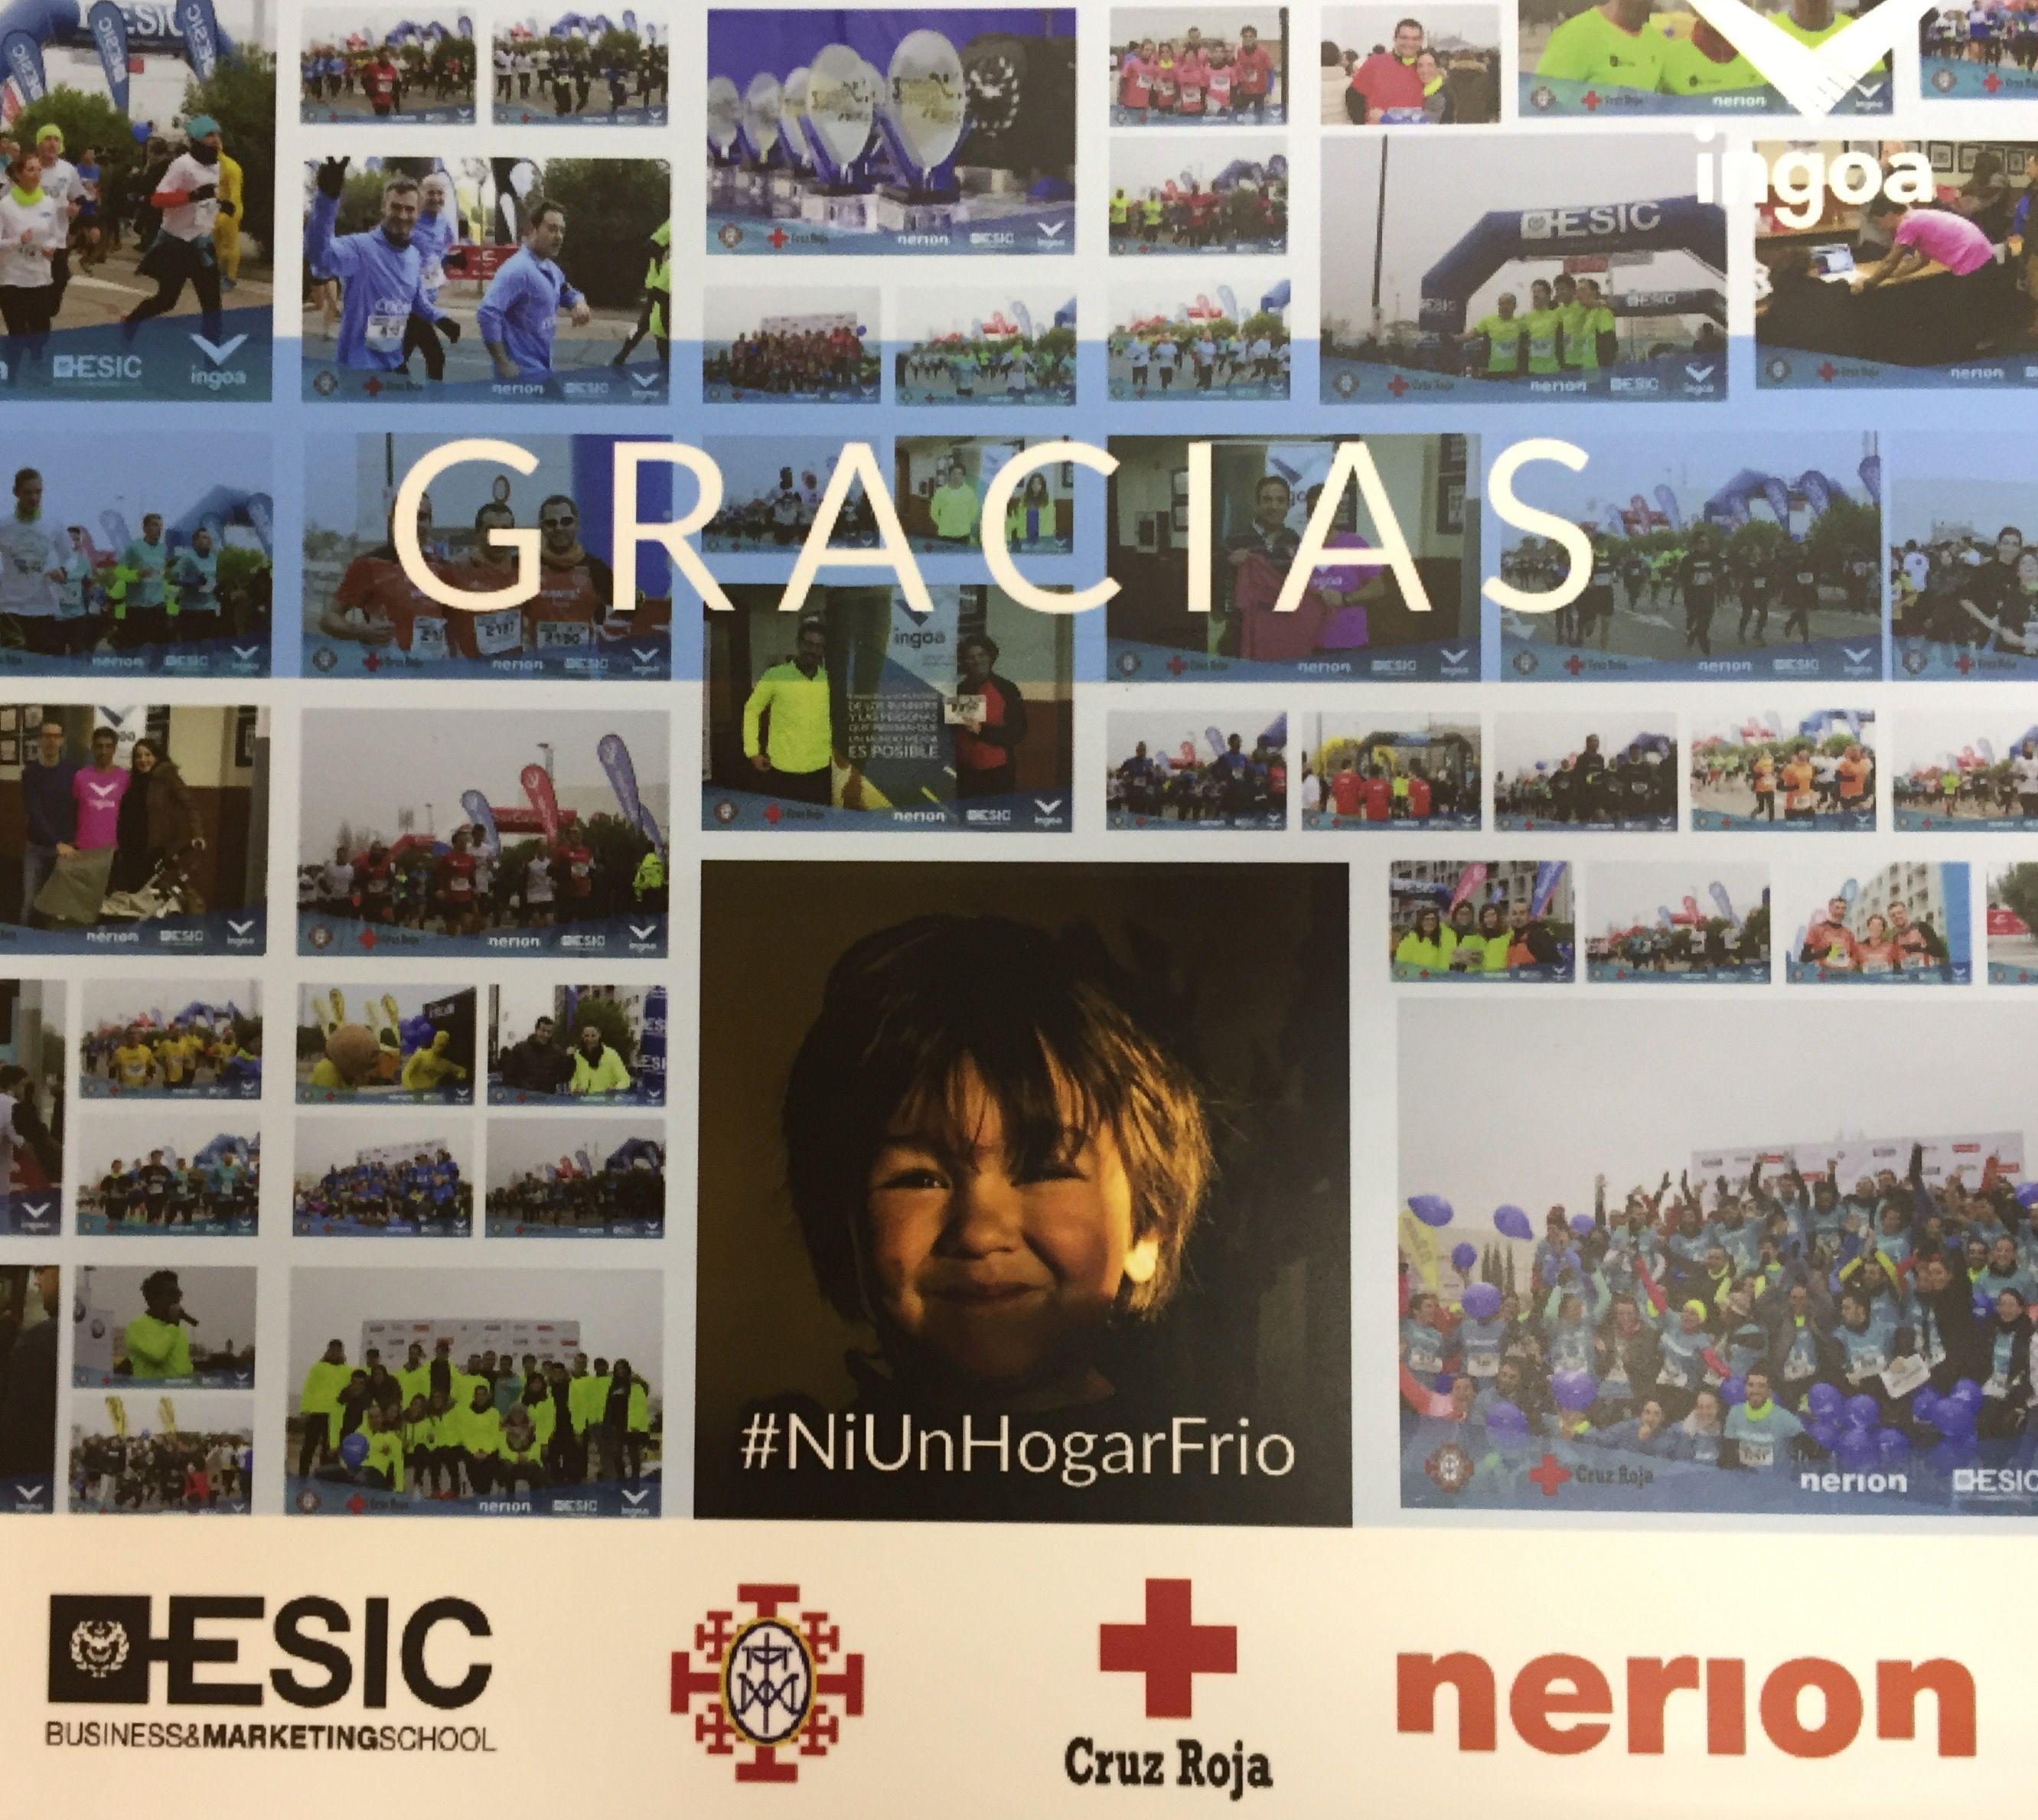 Agradecimientos de Ingoa hacia nerion